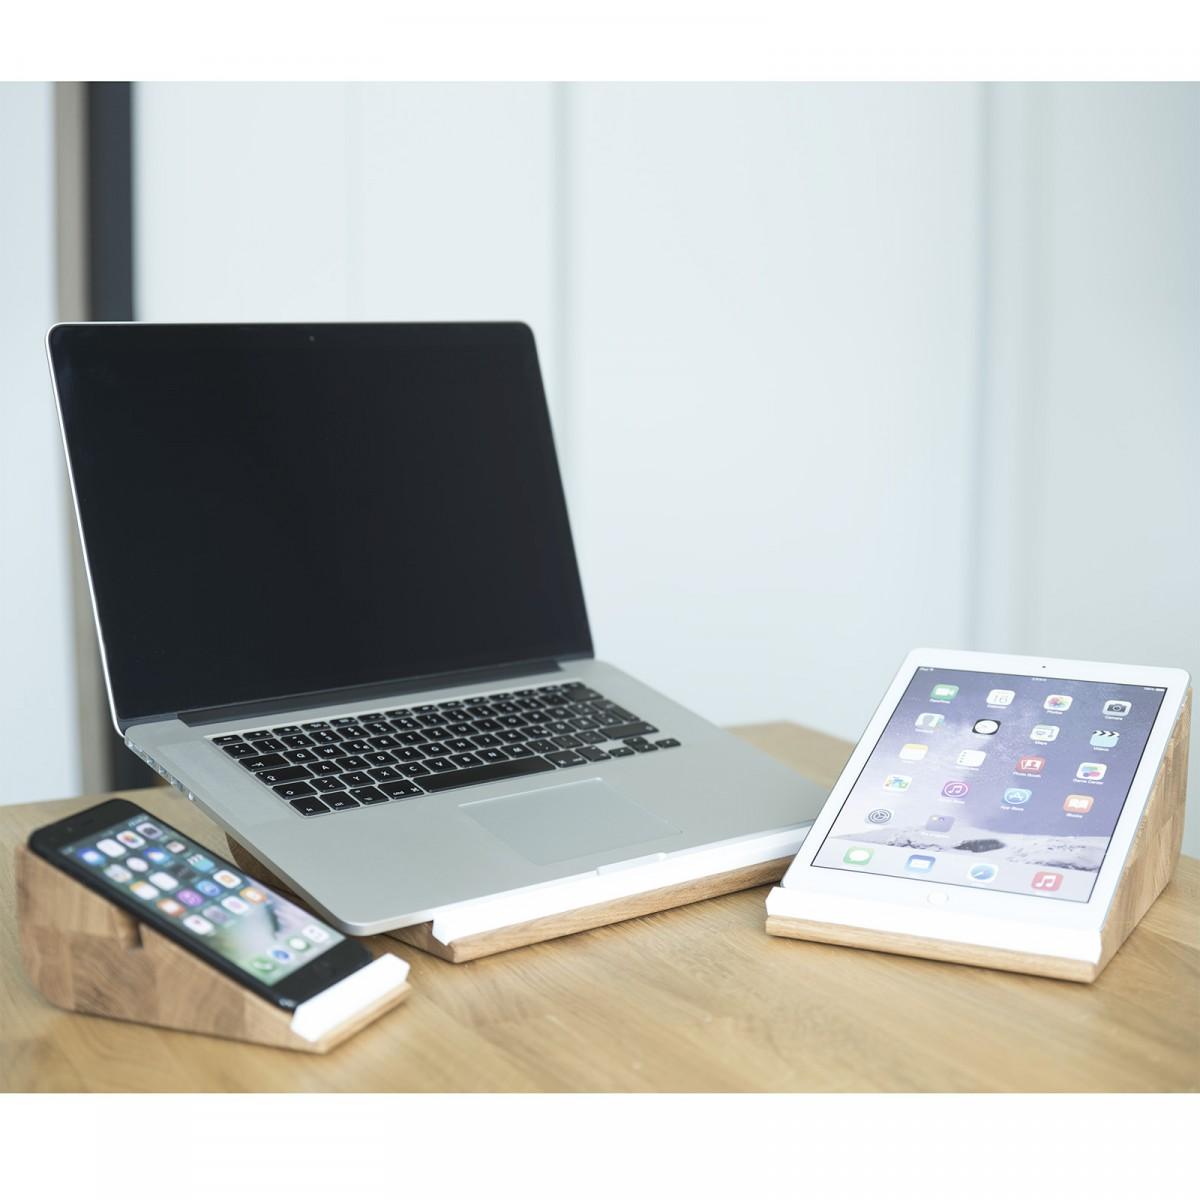 Notebook Halter ergonomio, Laptop Ständer aus Holz | Apple Macbook Stand